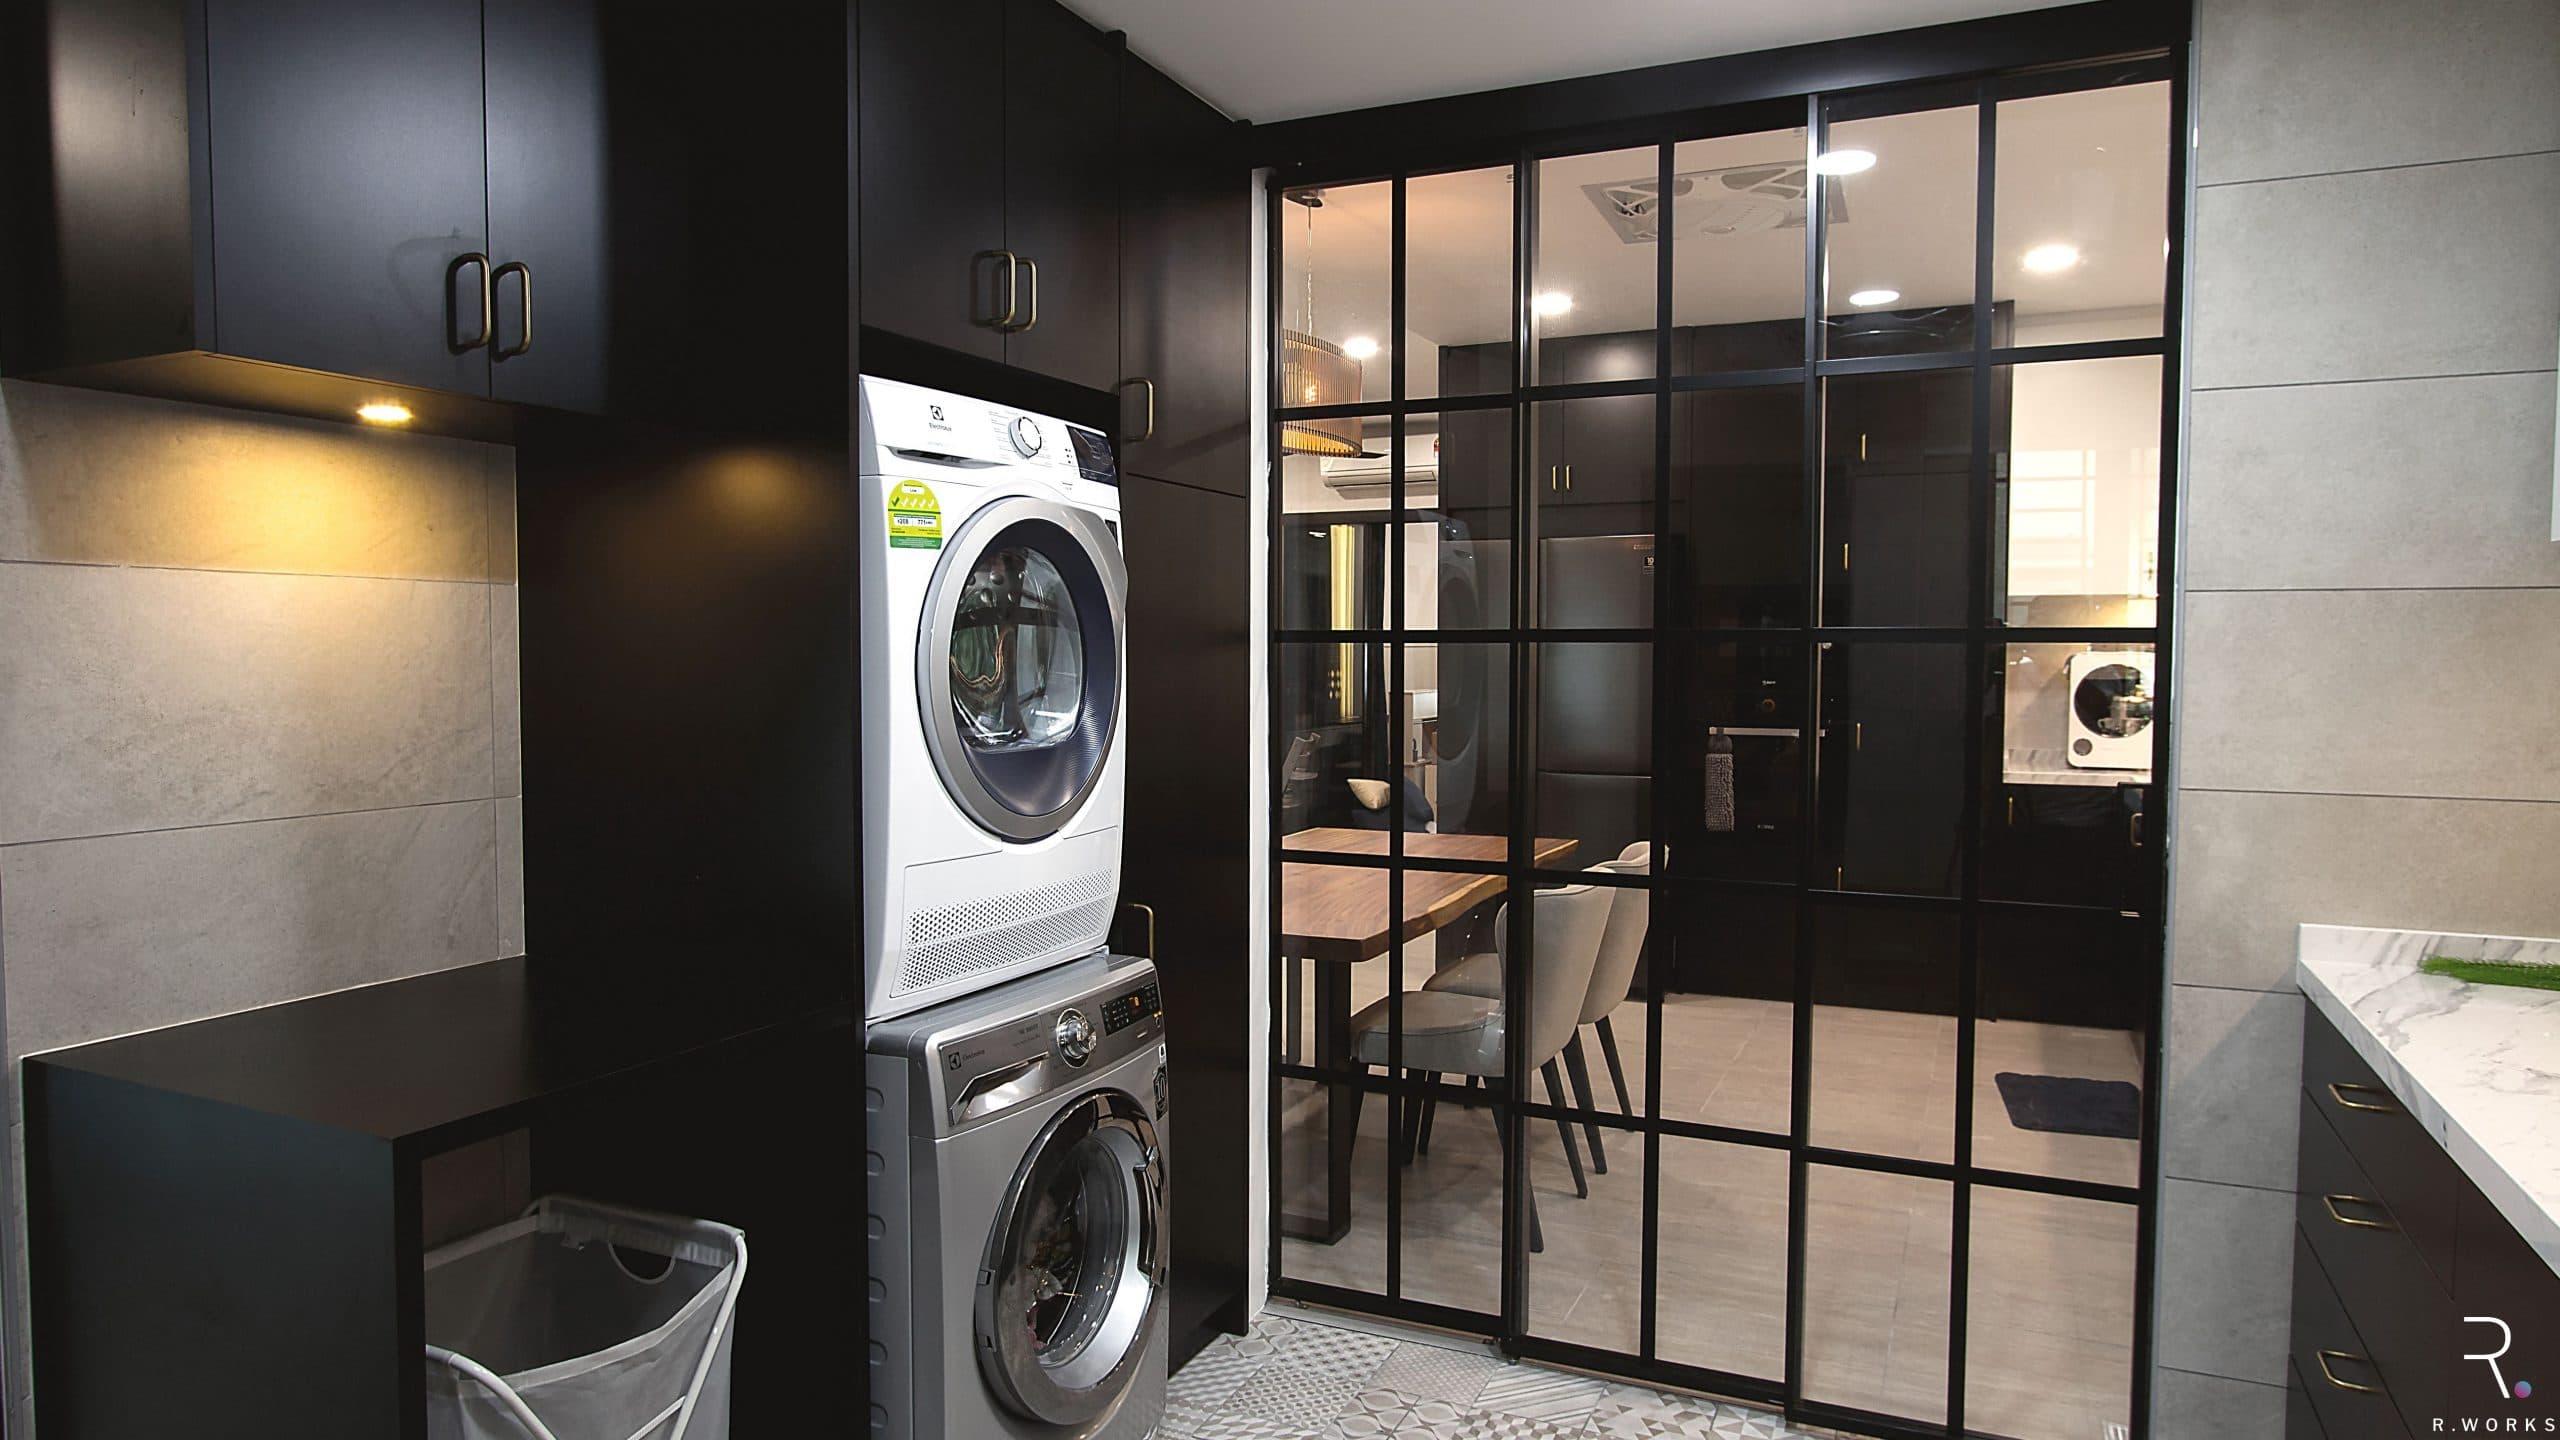 Townhouse modern wet kitchen after interior design